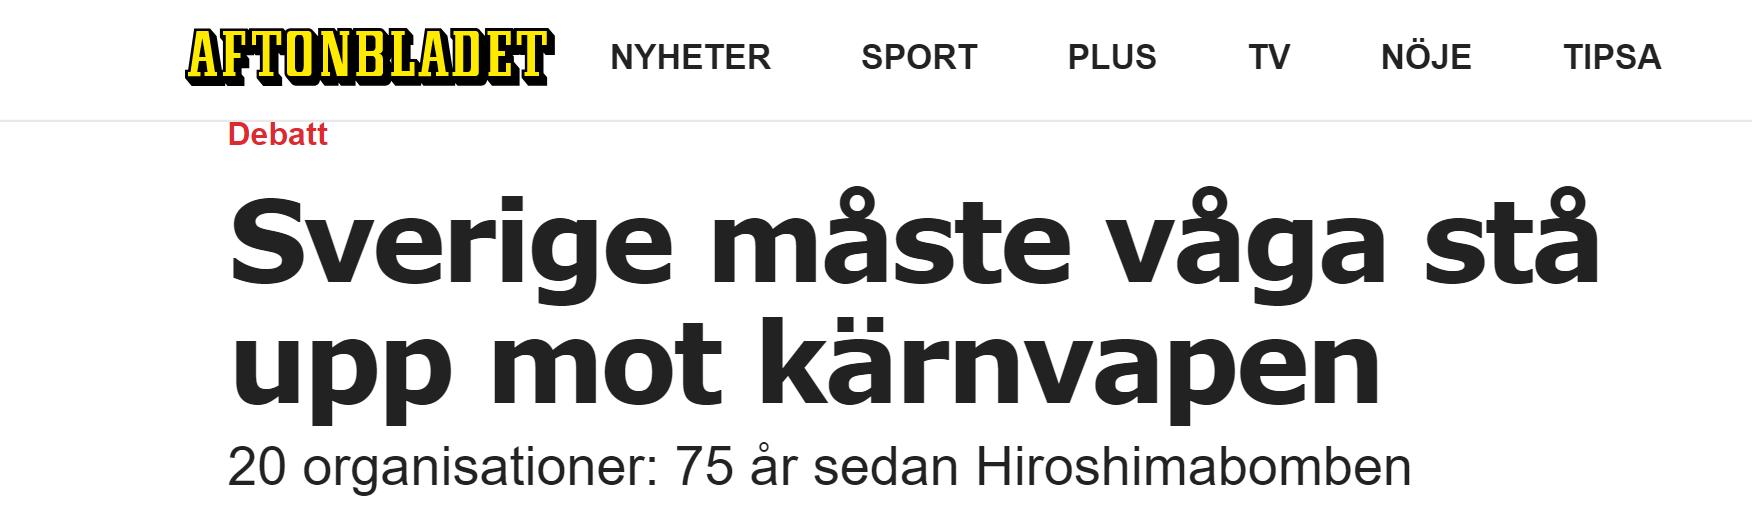 Sverige måste våga stå upp mot kärnvapen